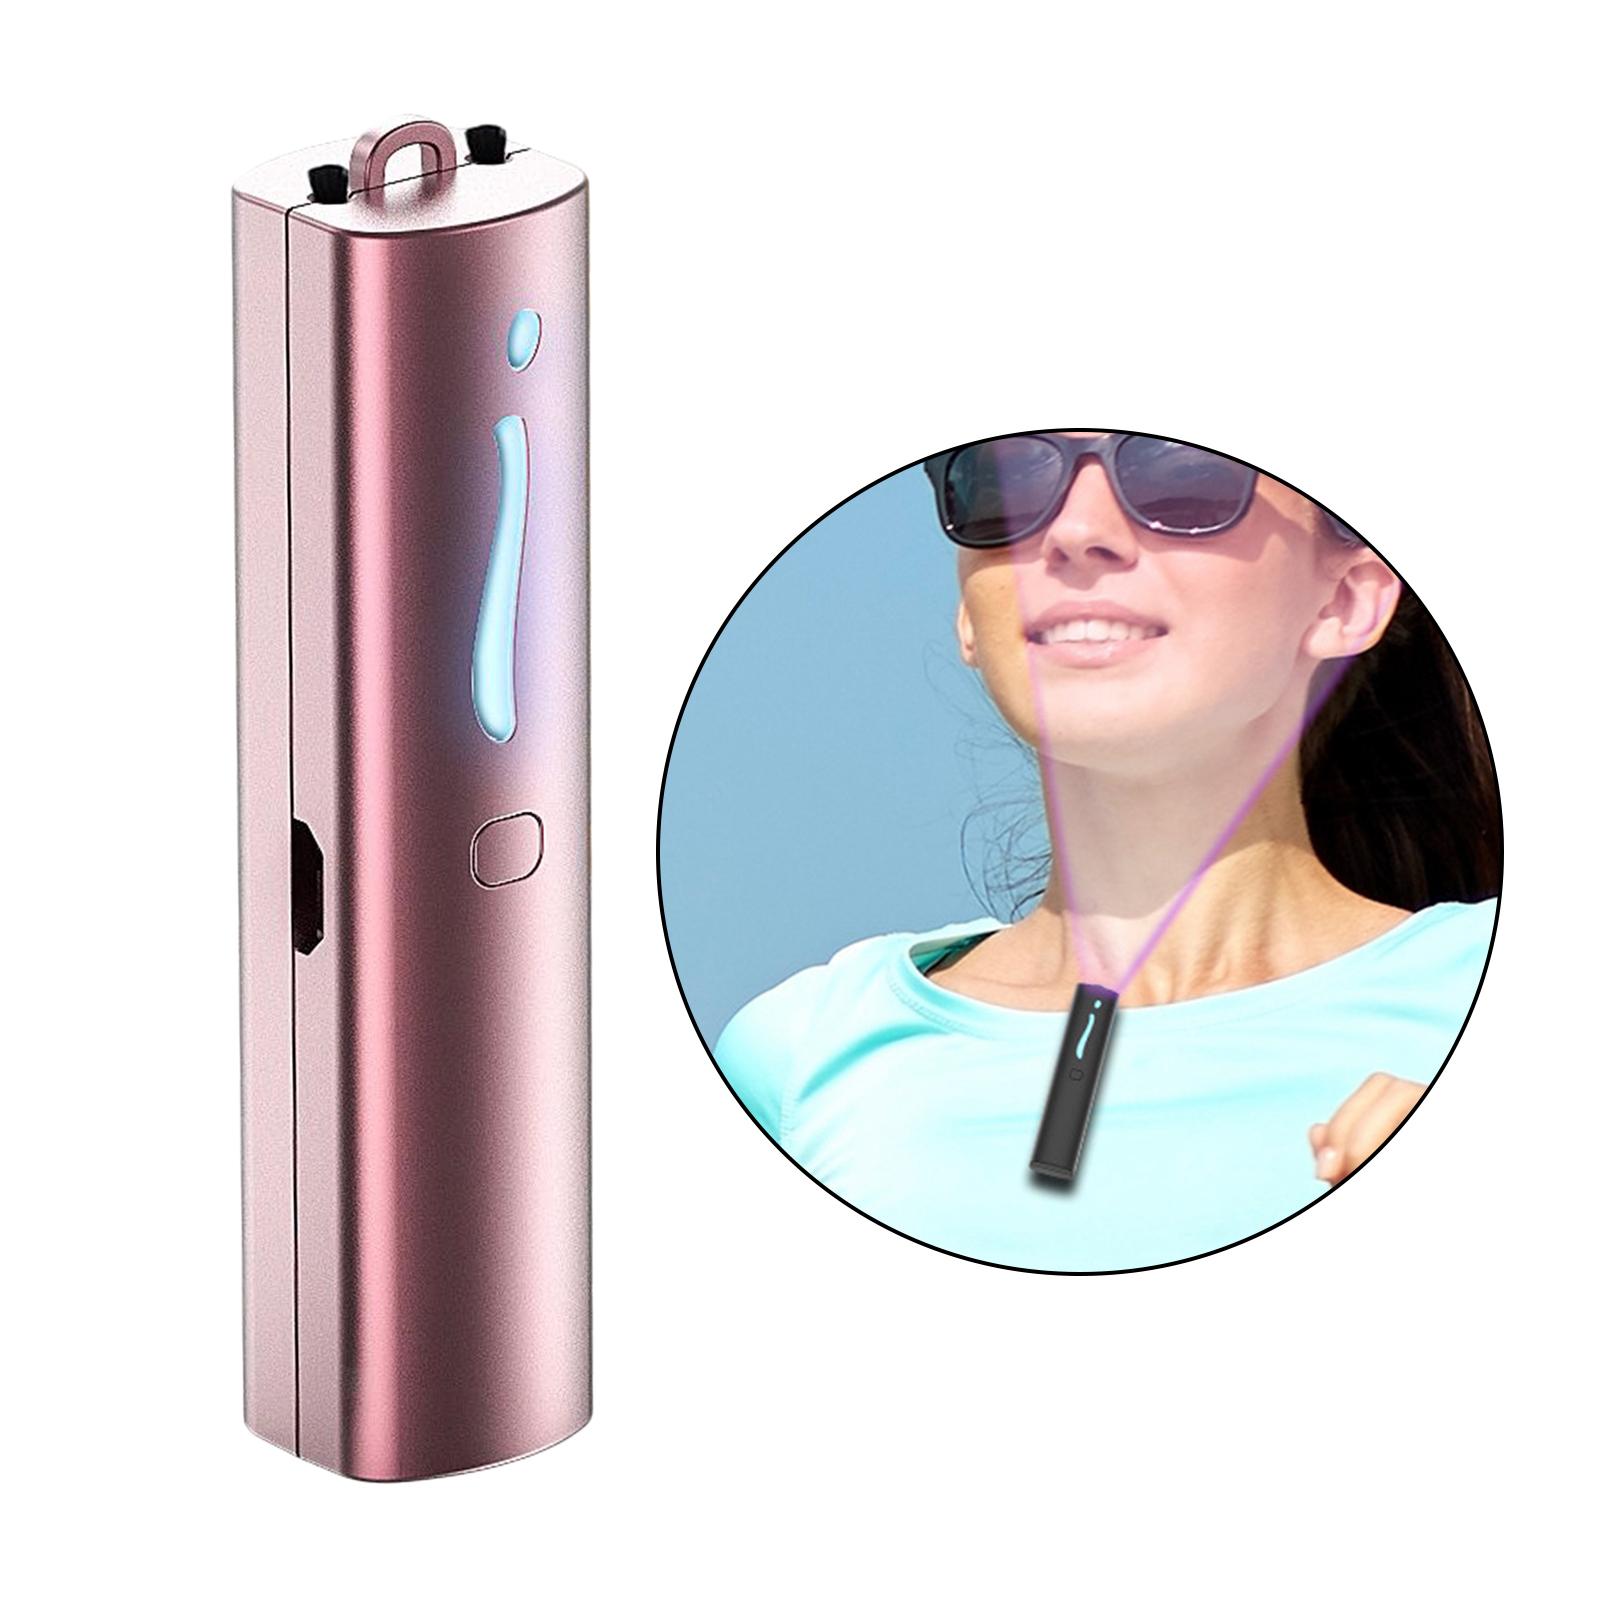 Indexbild 26 - Air Purifier Luft Reiniger Halskette Negative Ionen Generator USB Aufladbare